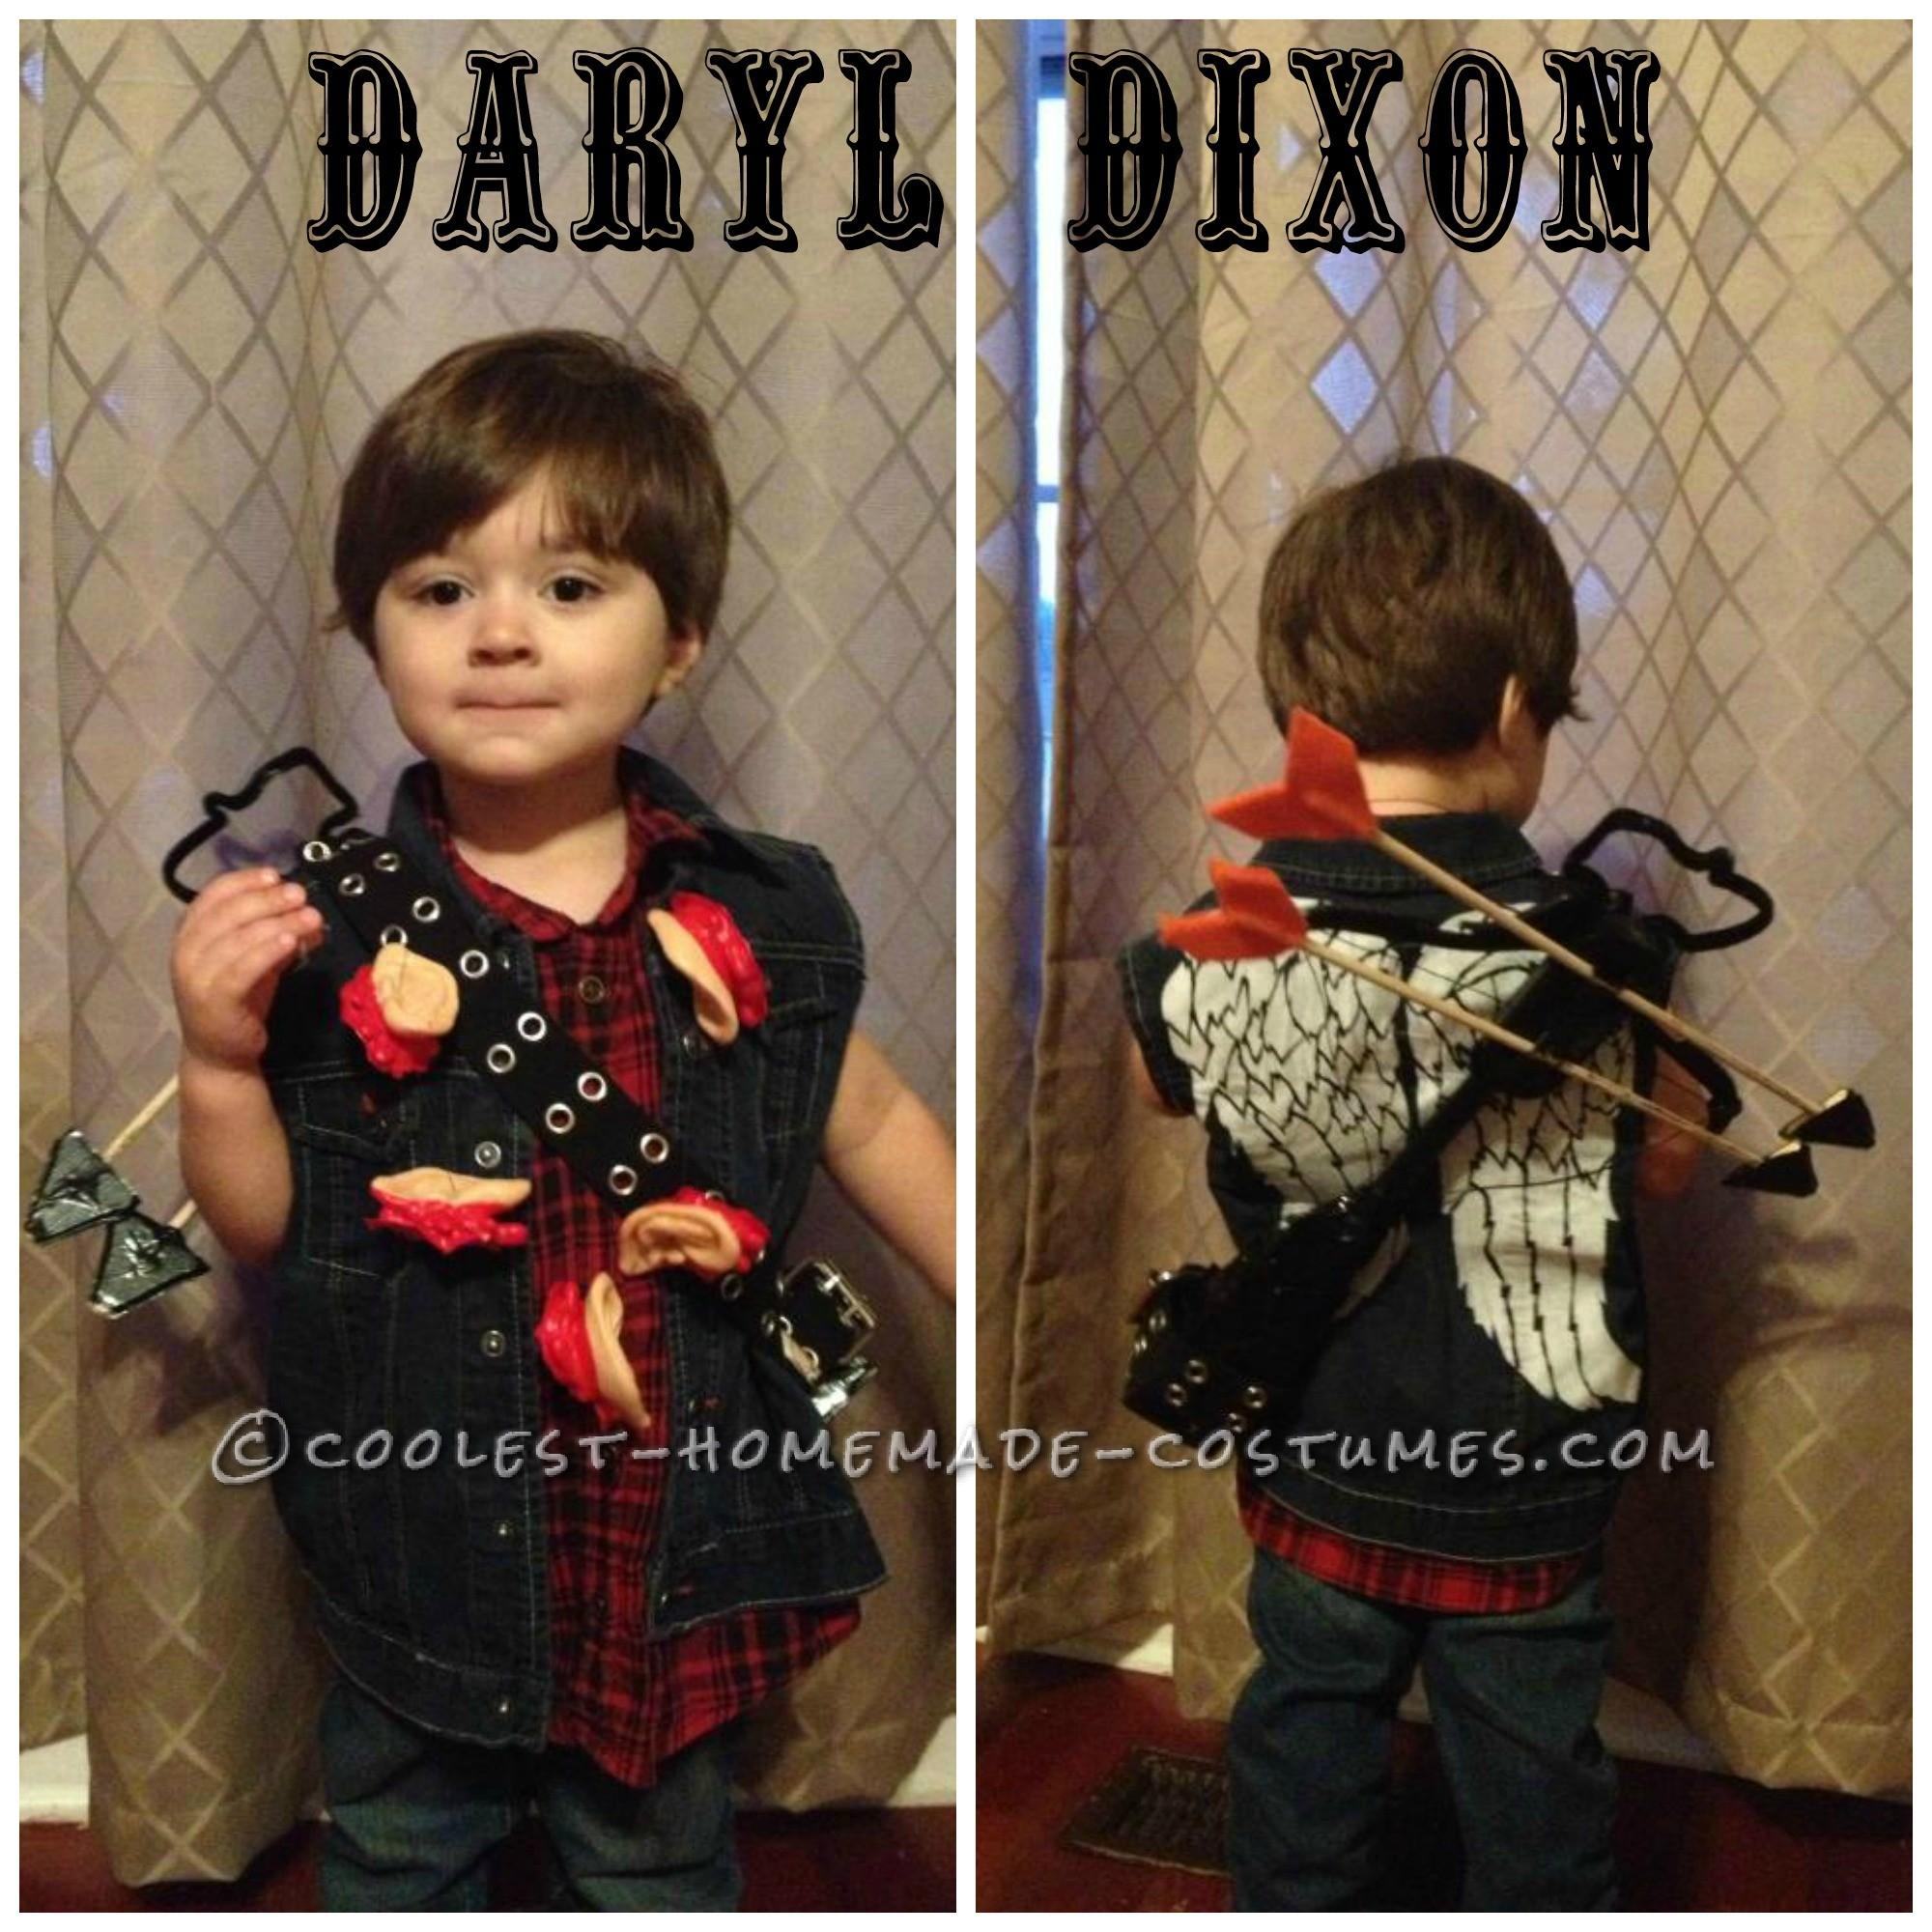 Daryl Dixon Toddler Halloween Costume